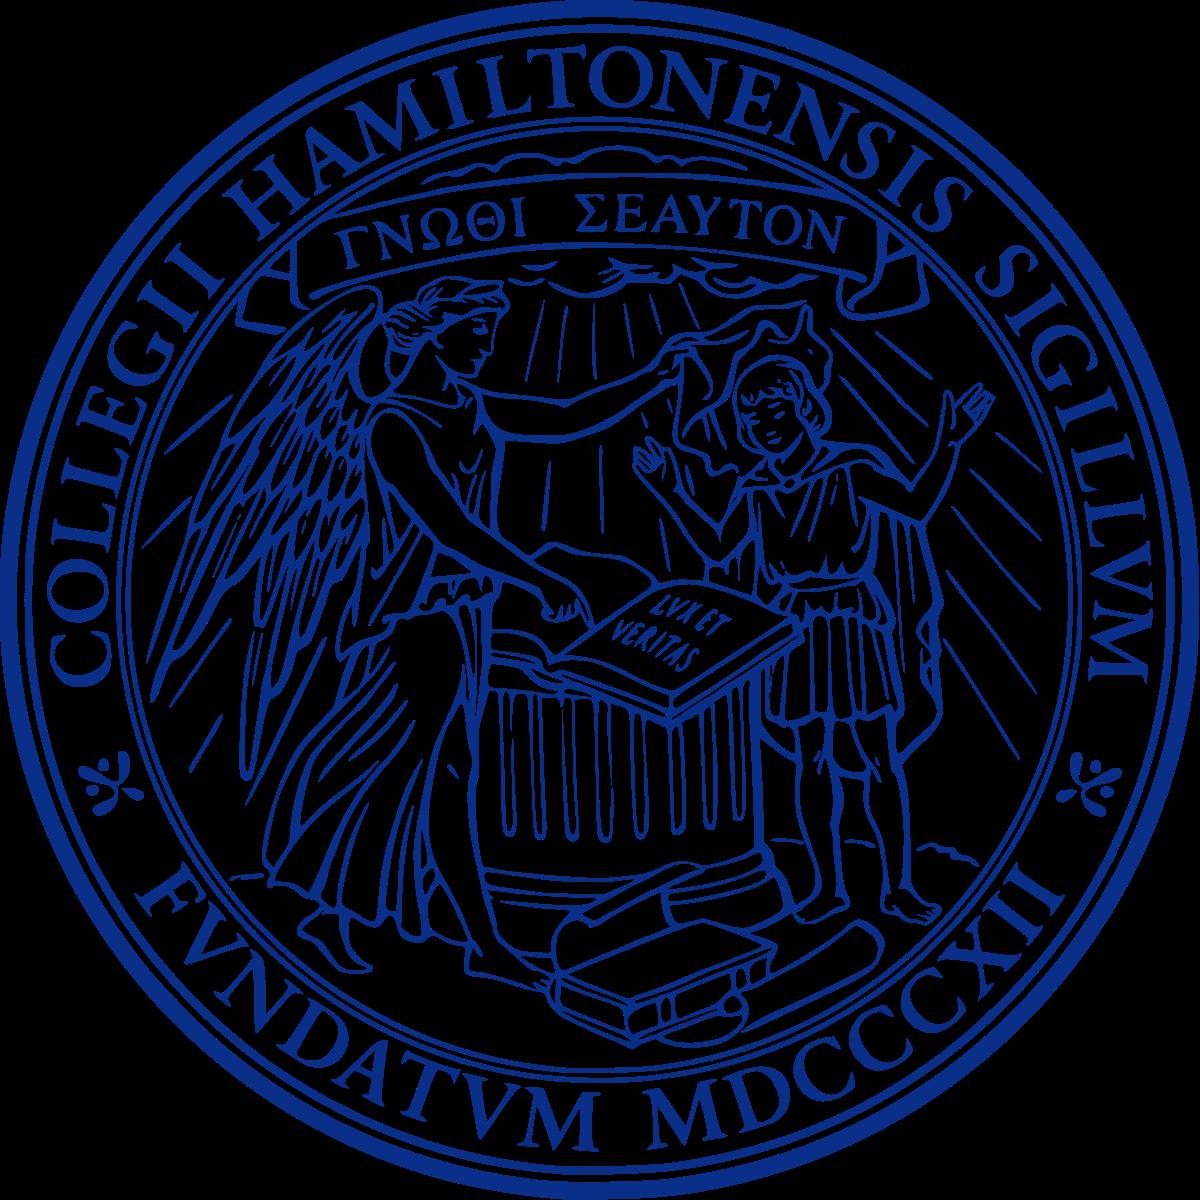 Greece clipart college building. Hamilton new york wikipedia